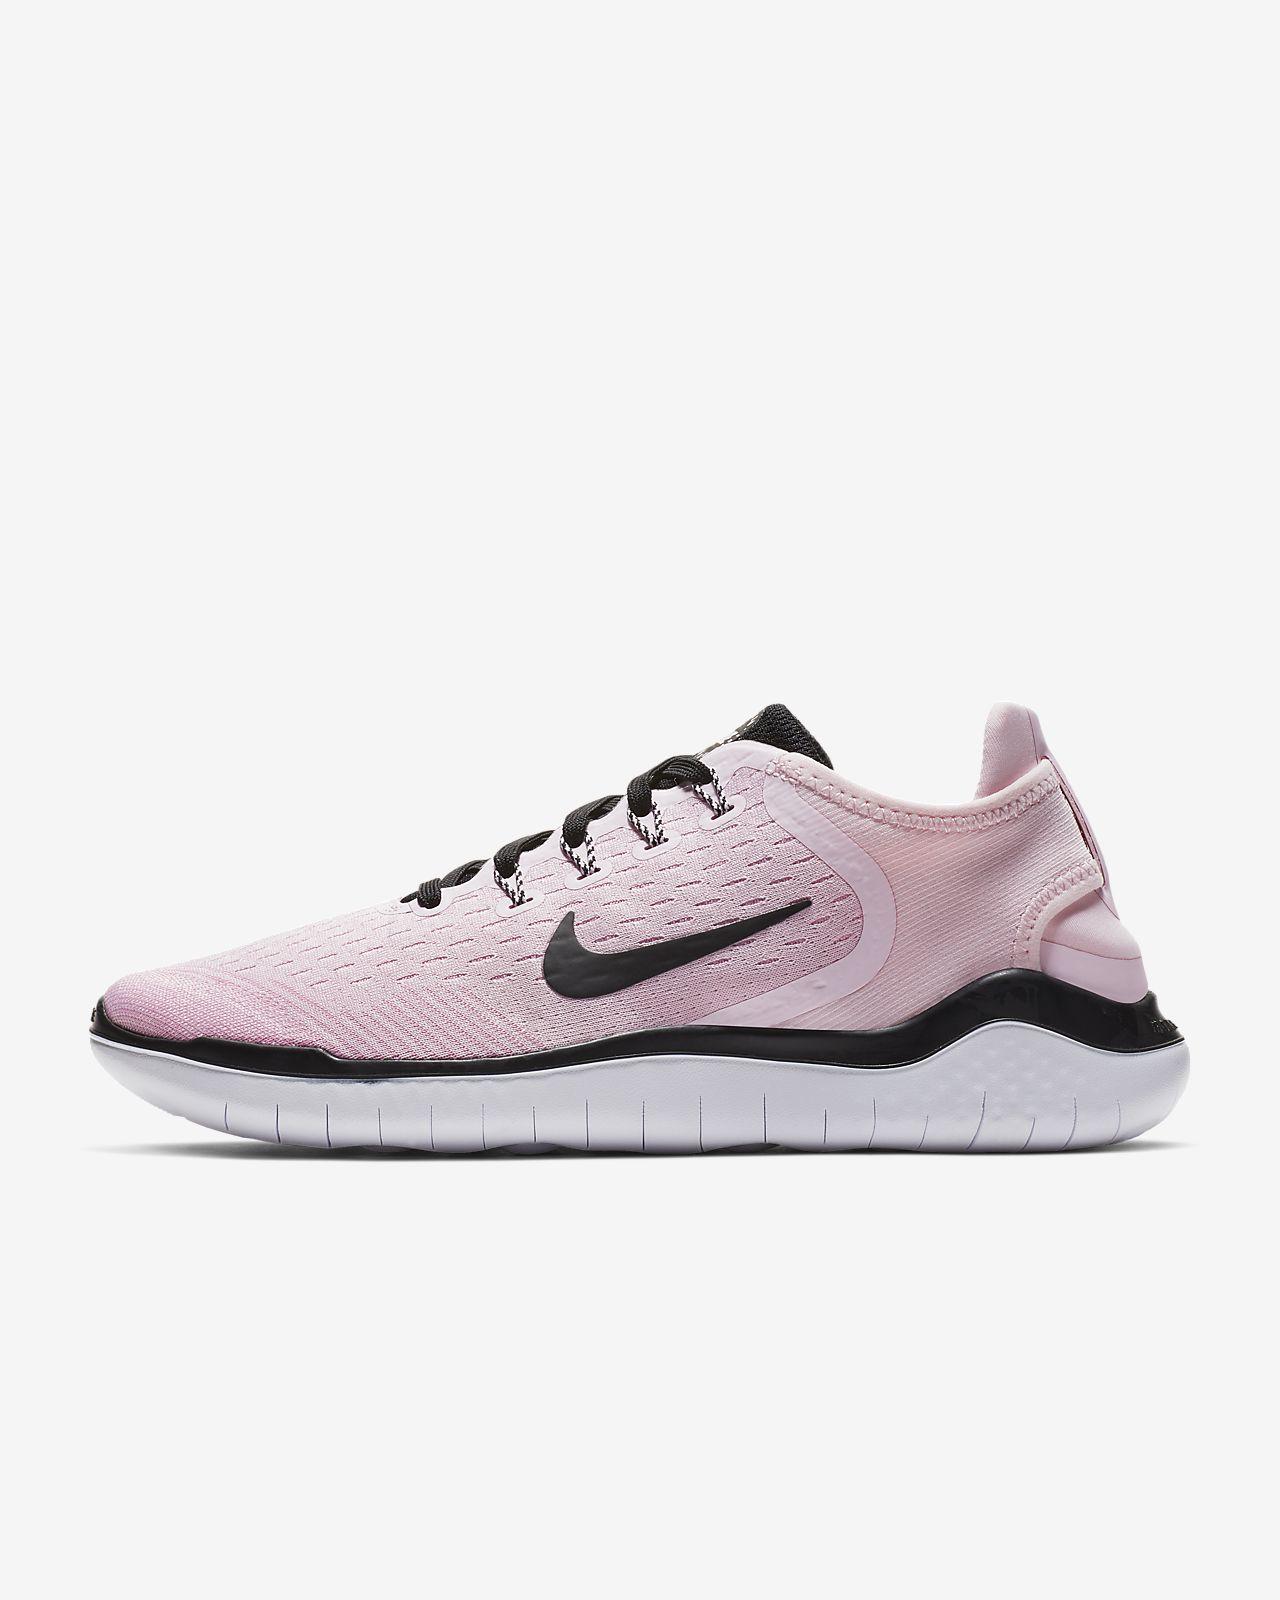 13c801a707fe Nike Free RN 2018 Women s Running Shoe. Nike.com GB